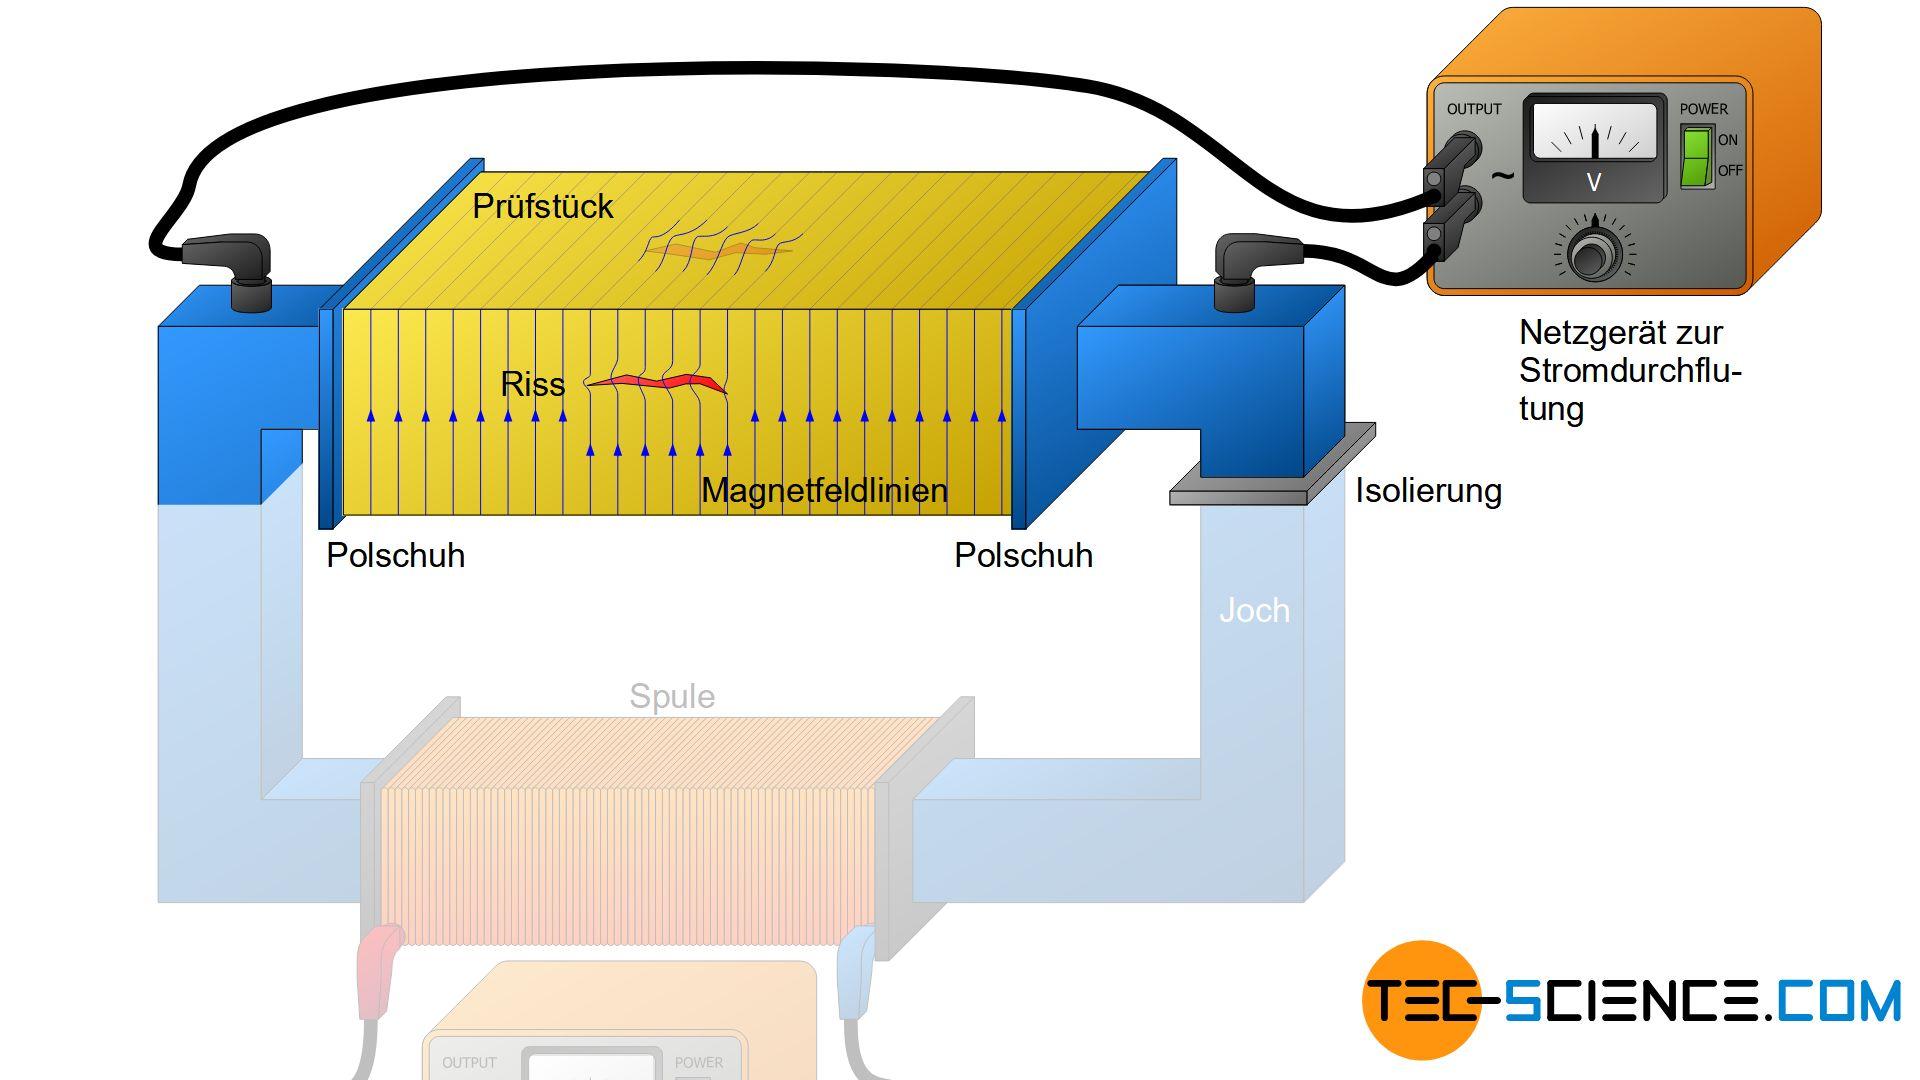 Magnetpulverprüfung (Stromdurchflutung)